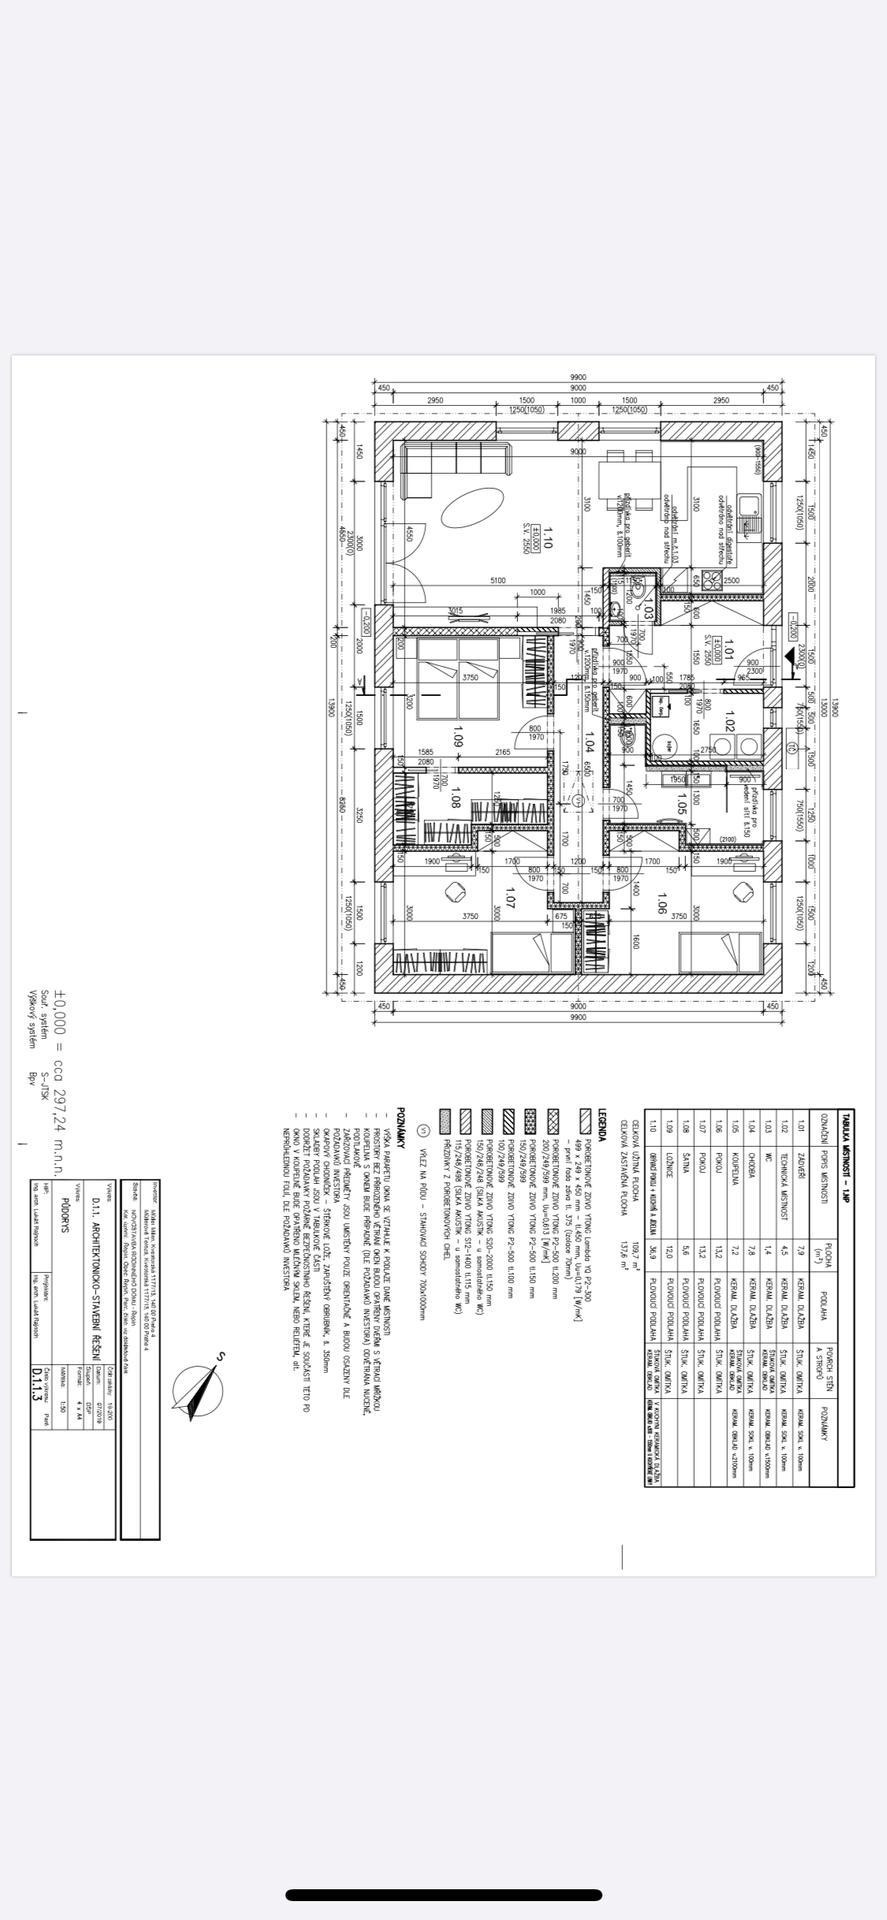 Stavba povolena - Obrázek č. 2